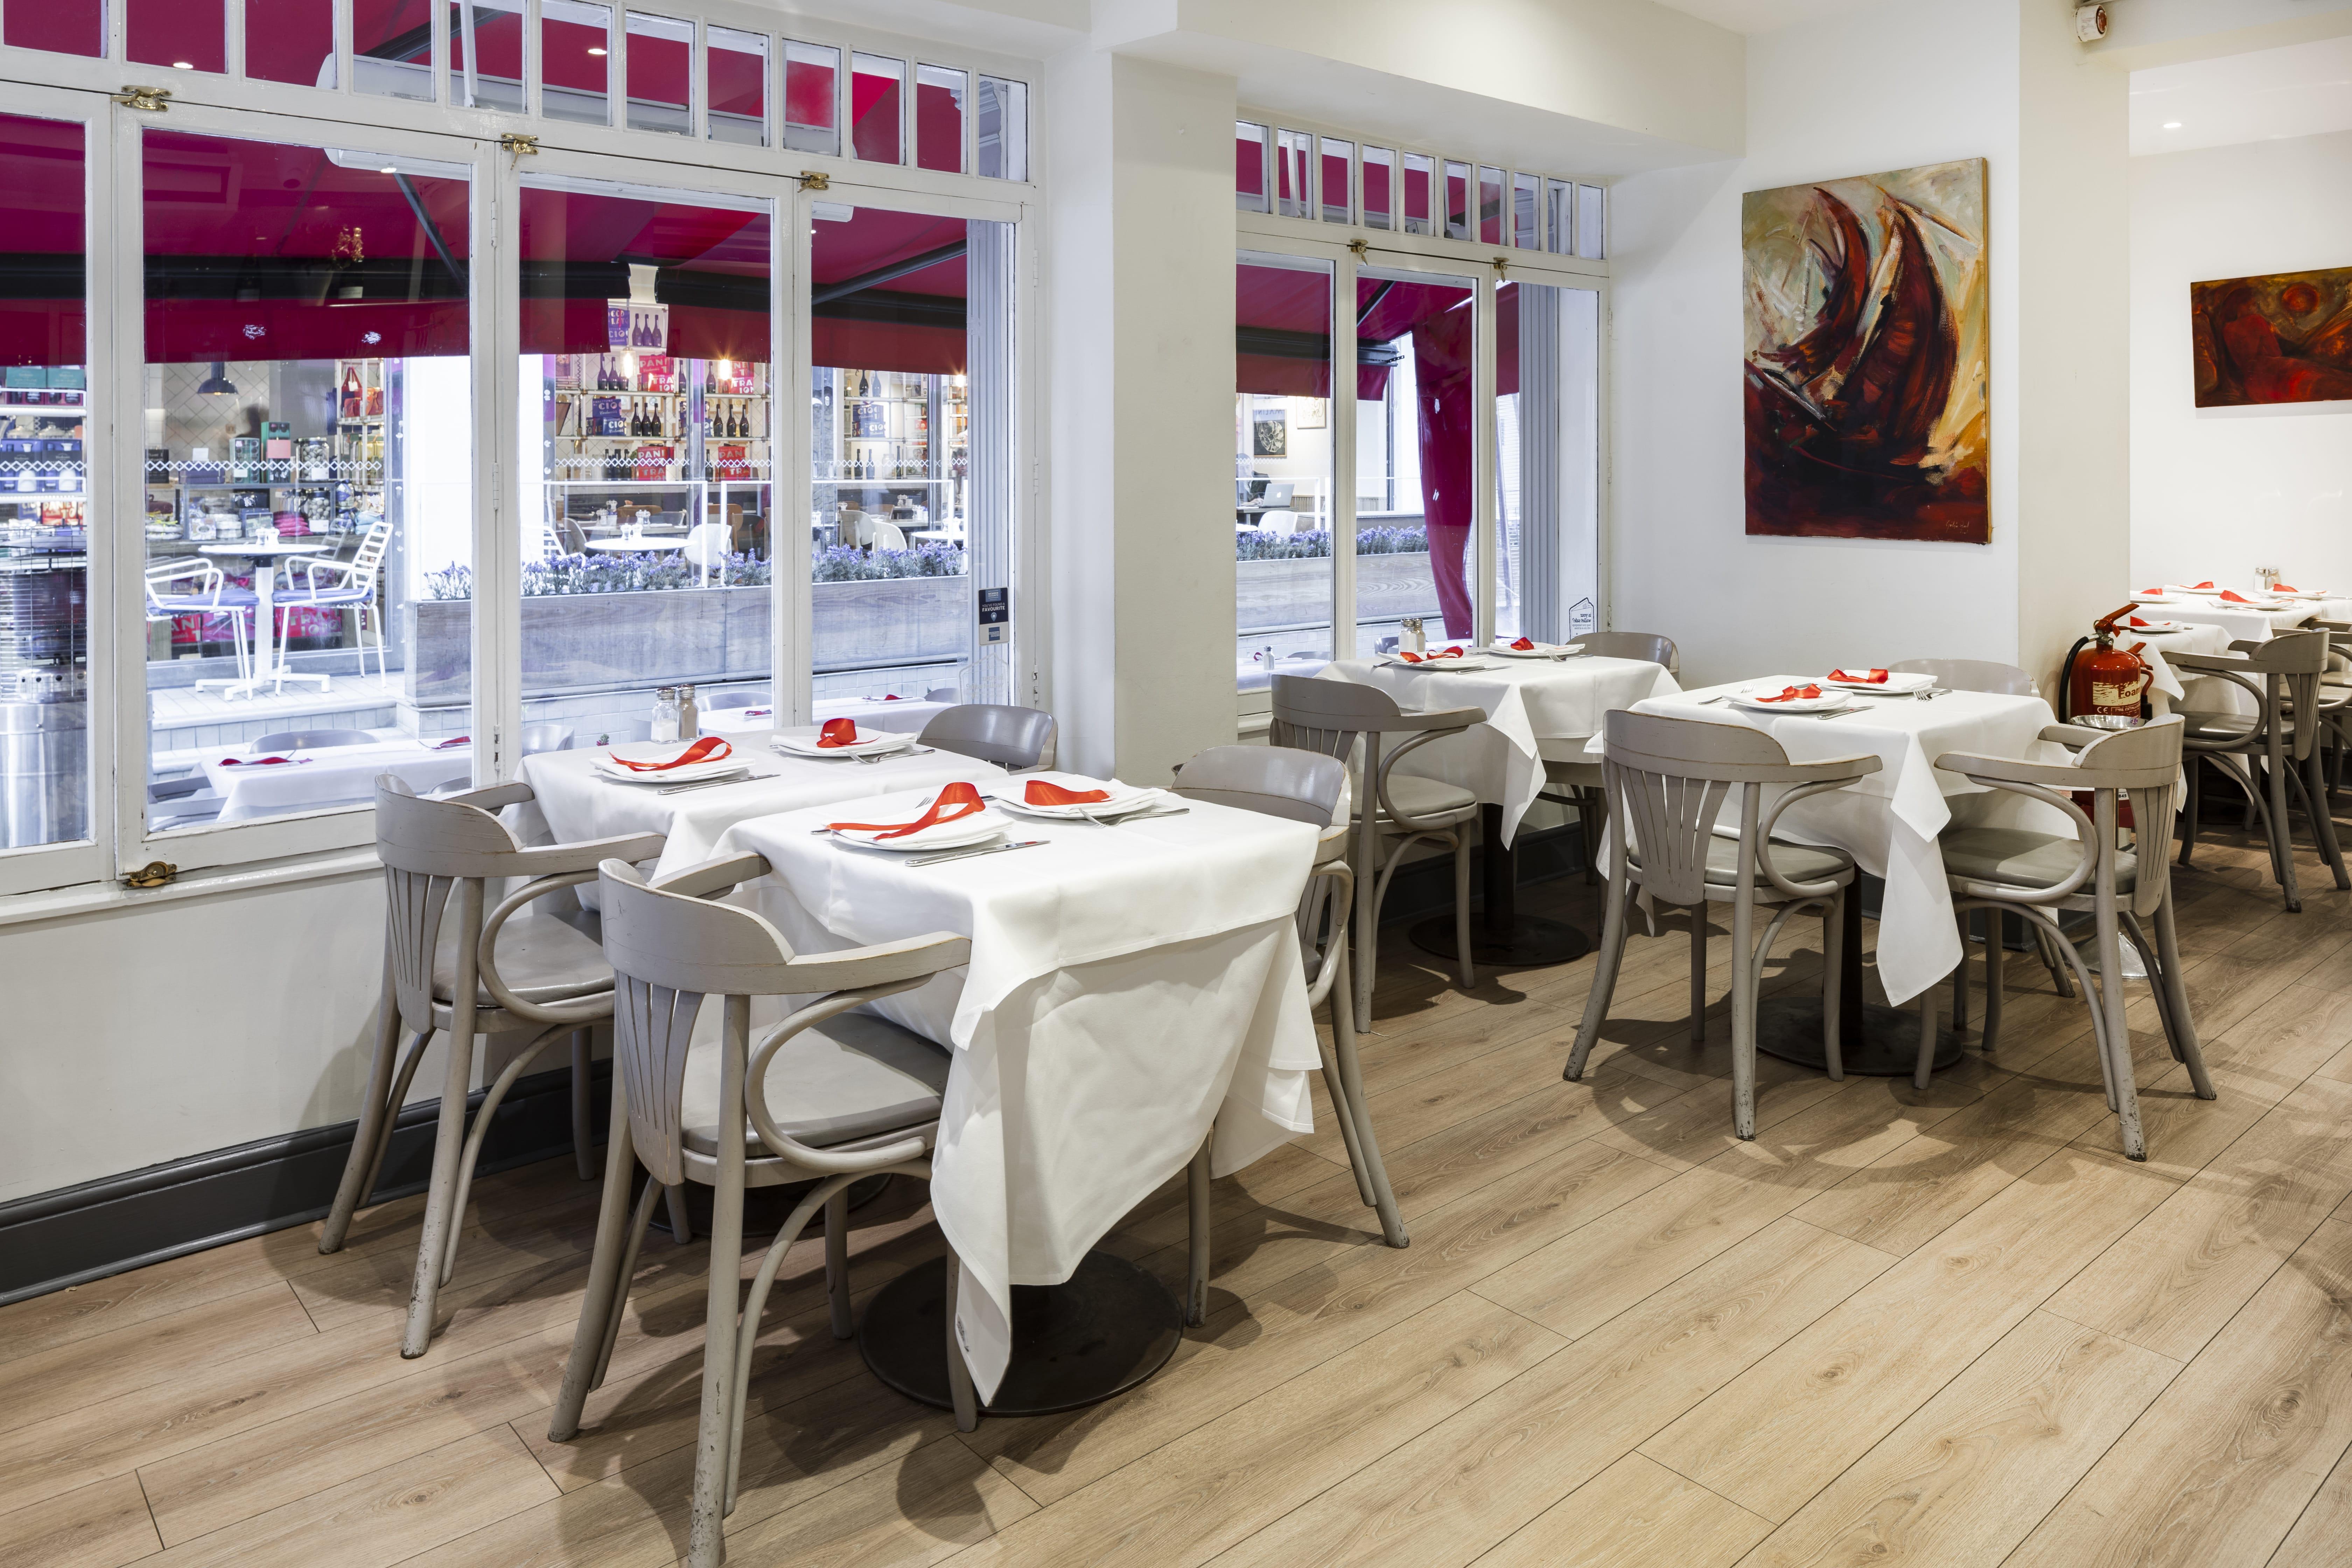 Sofra Restaurant in Central London